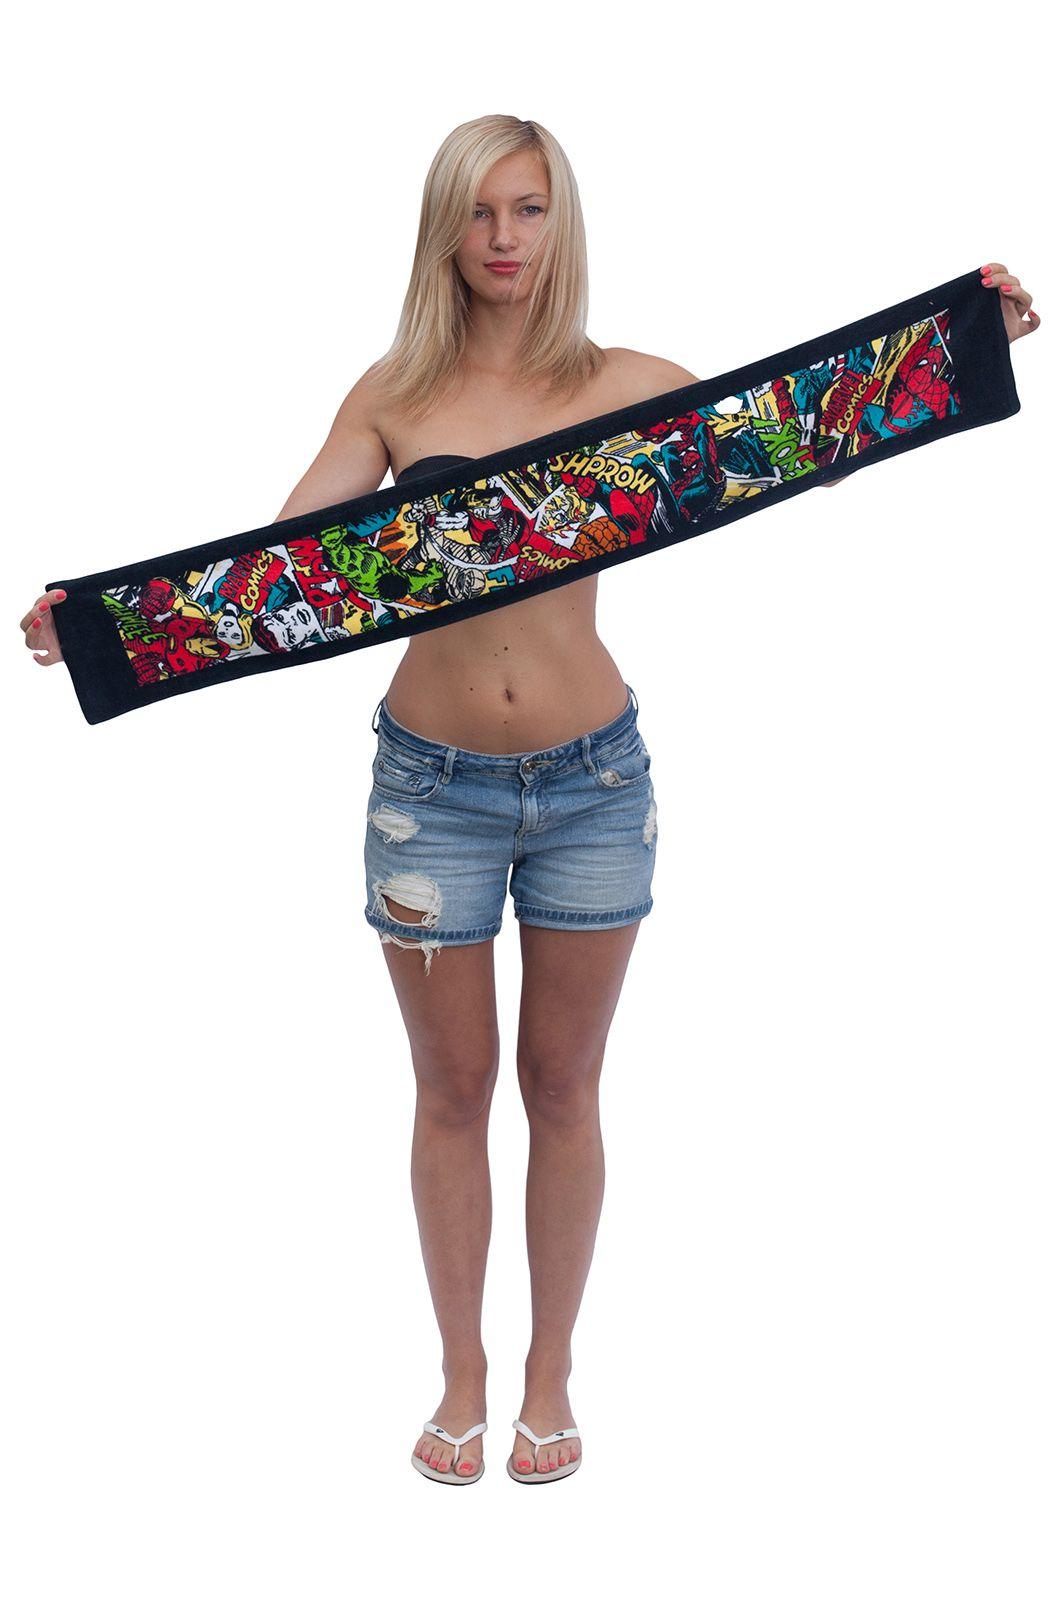 Полотенце узкое - купить в интернет-магазине